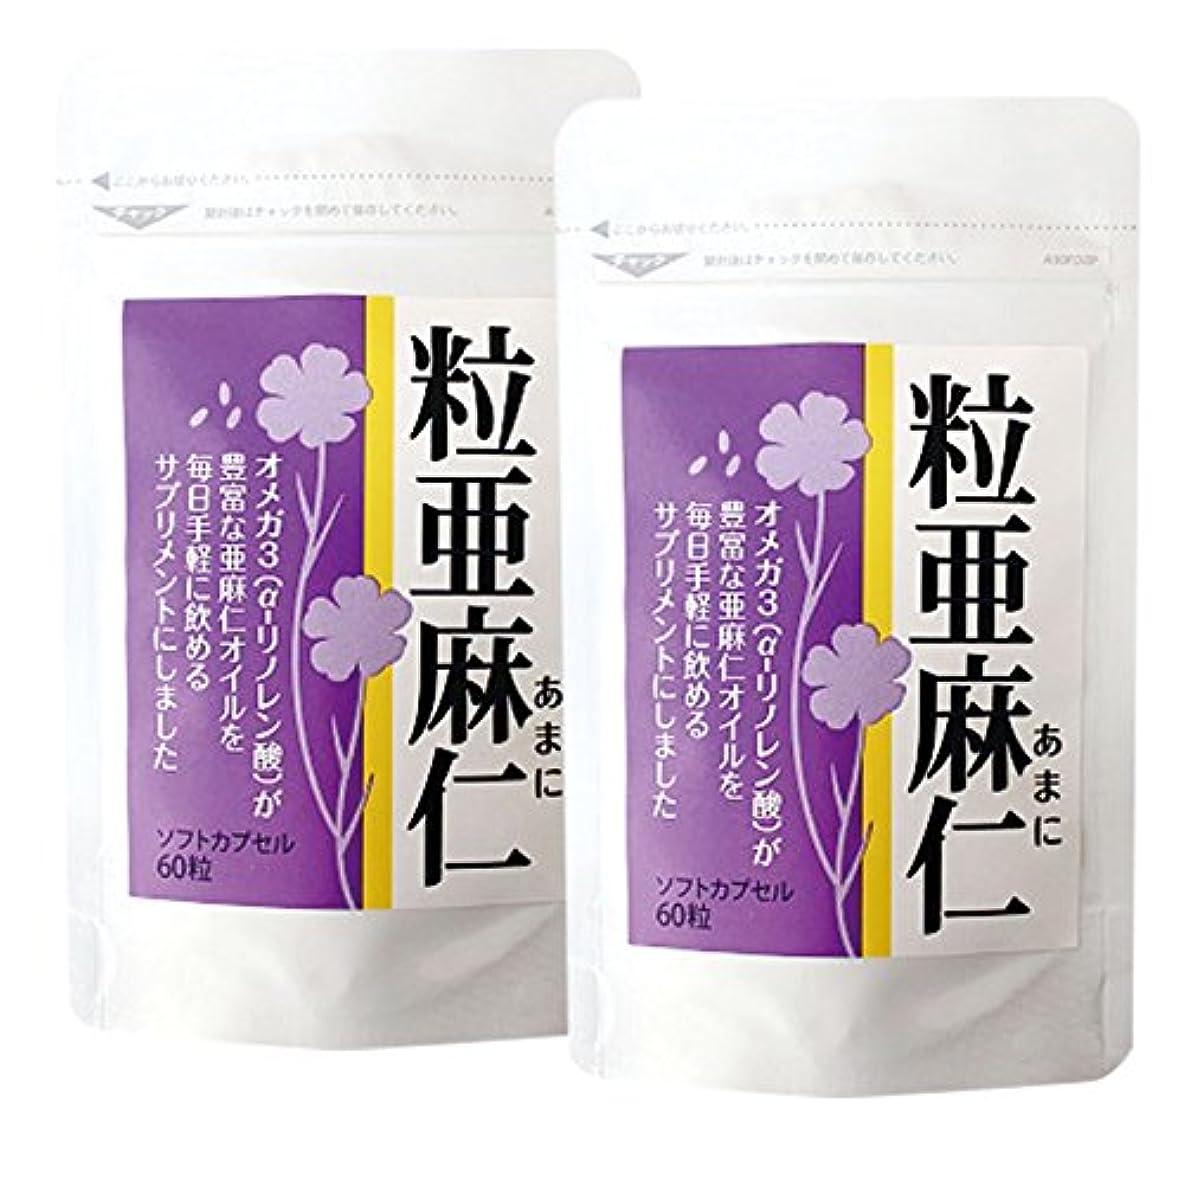 セクタ小康タップ粒亜麻仁(60粒)×2袋セット